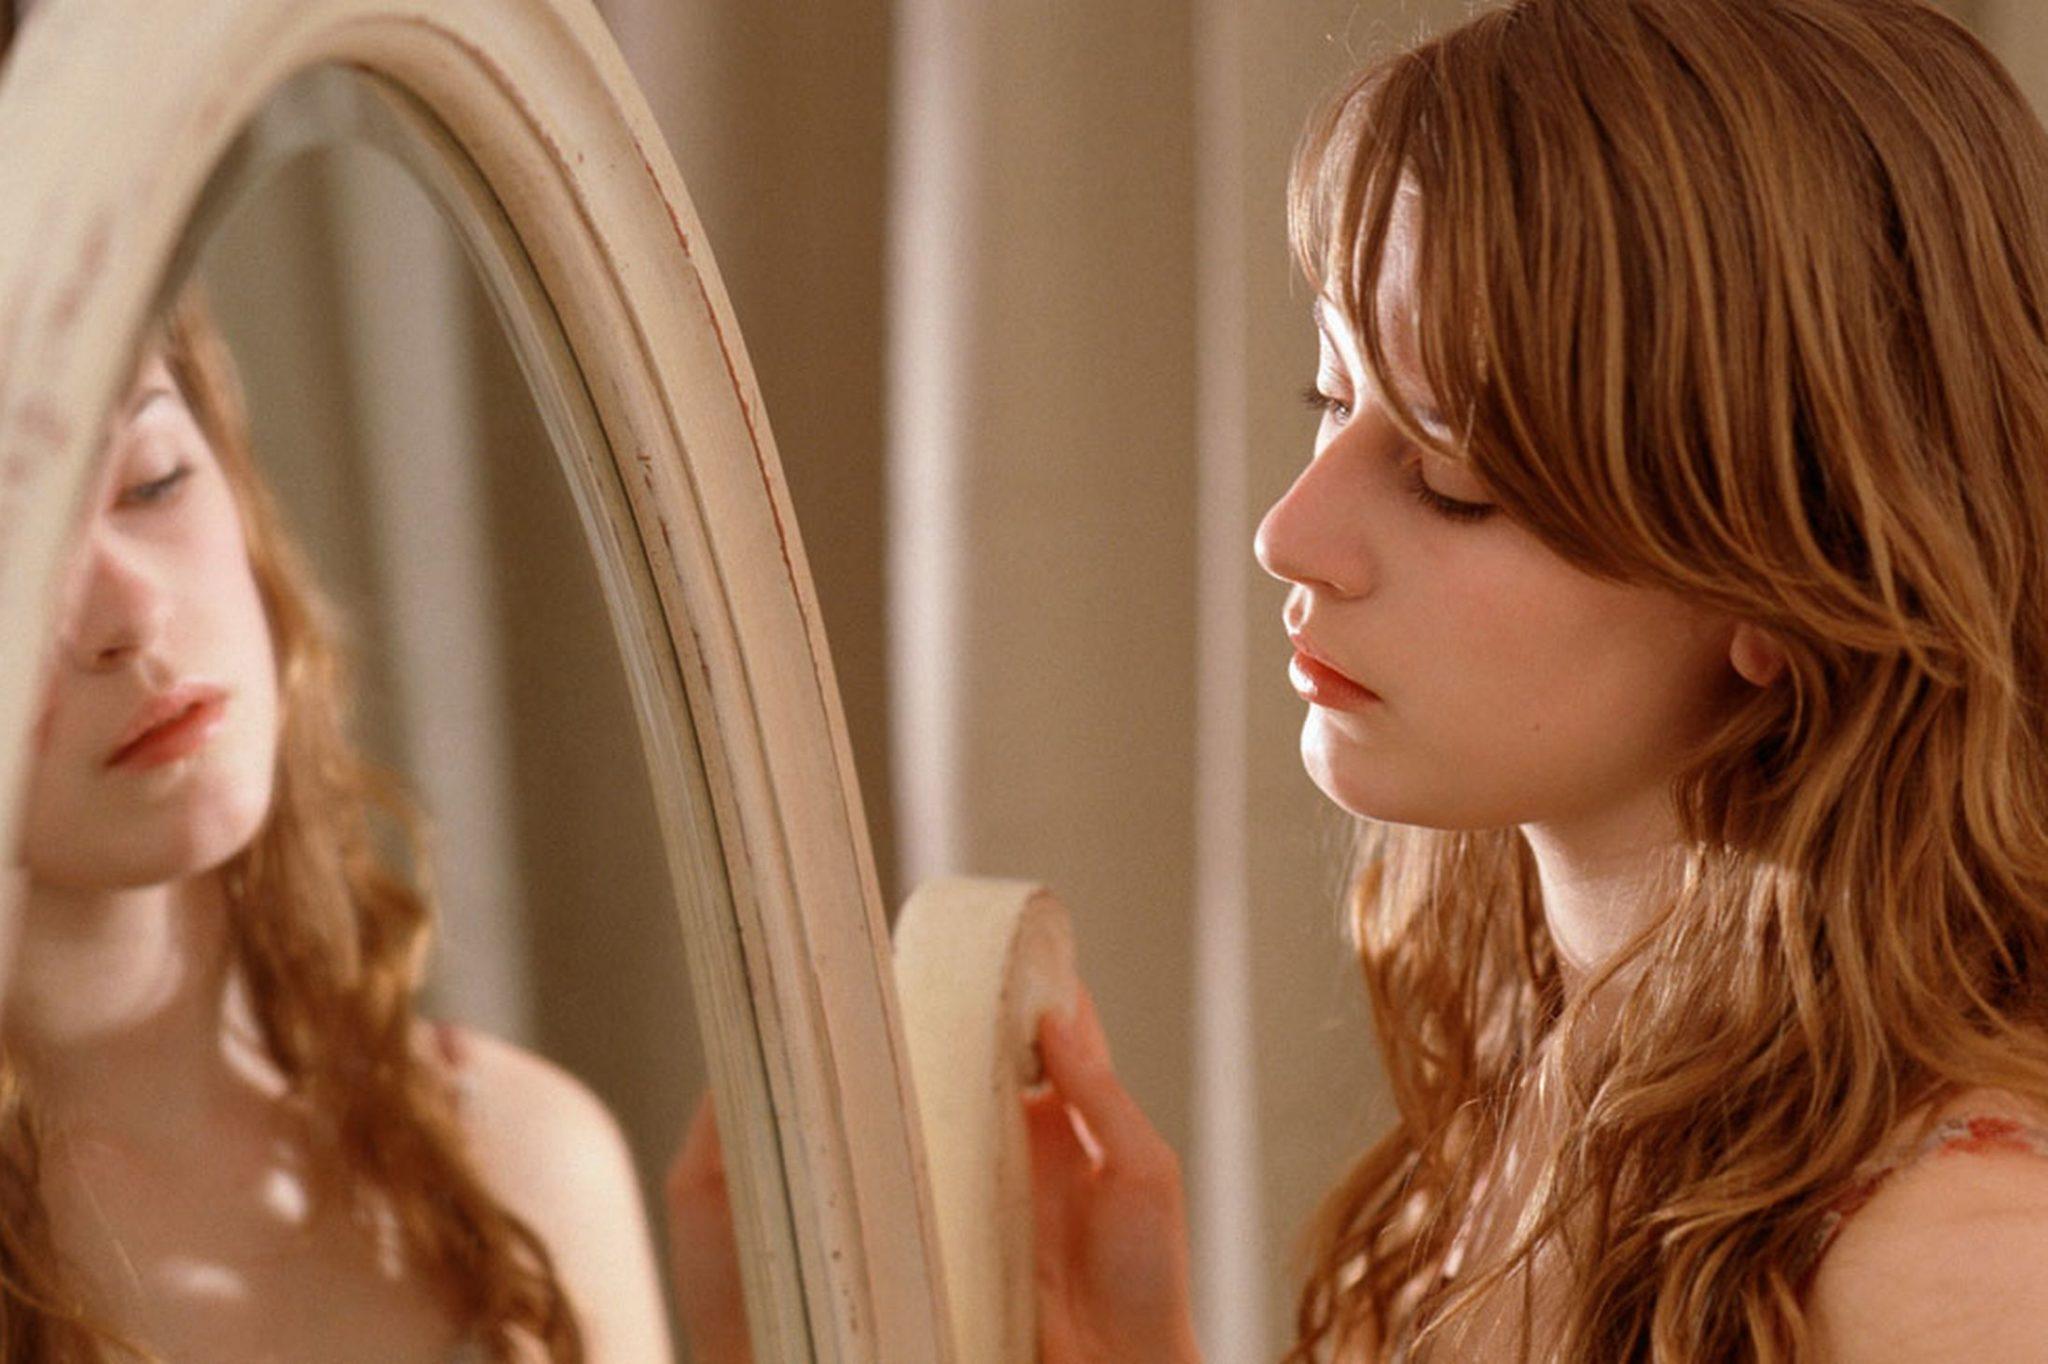 önértékelési teszt - nő a tükörbe néz